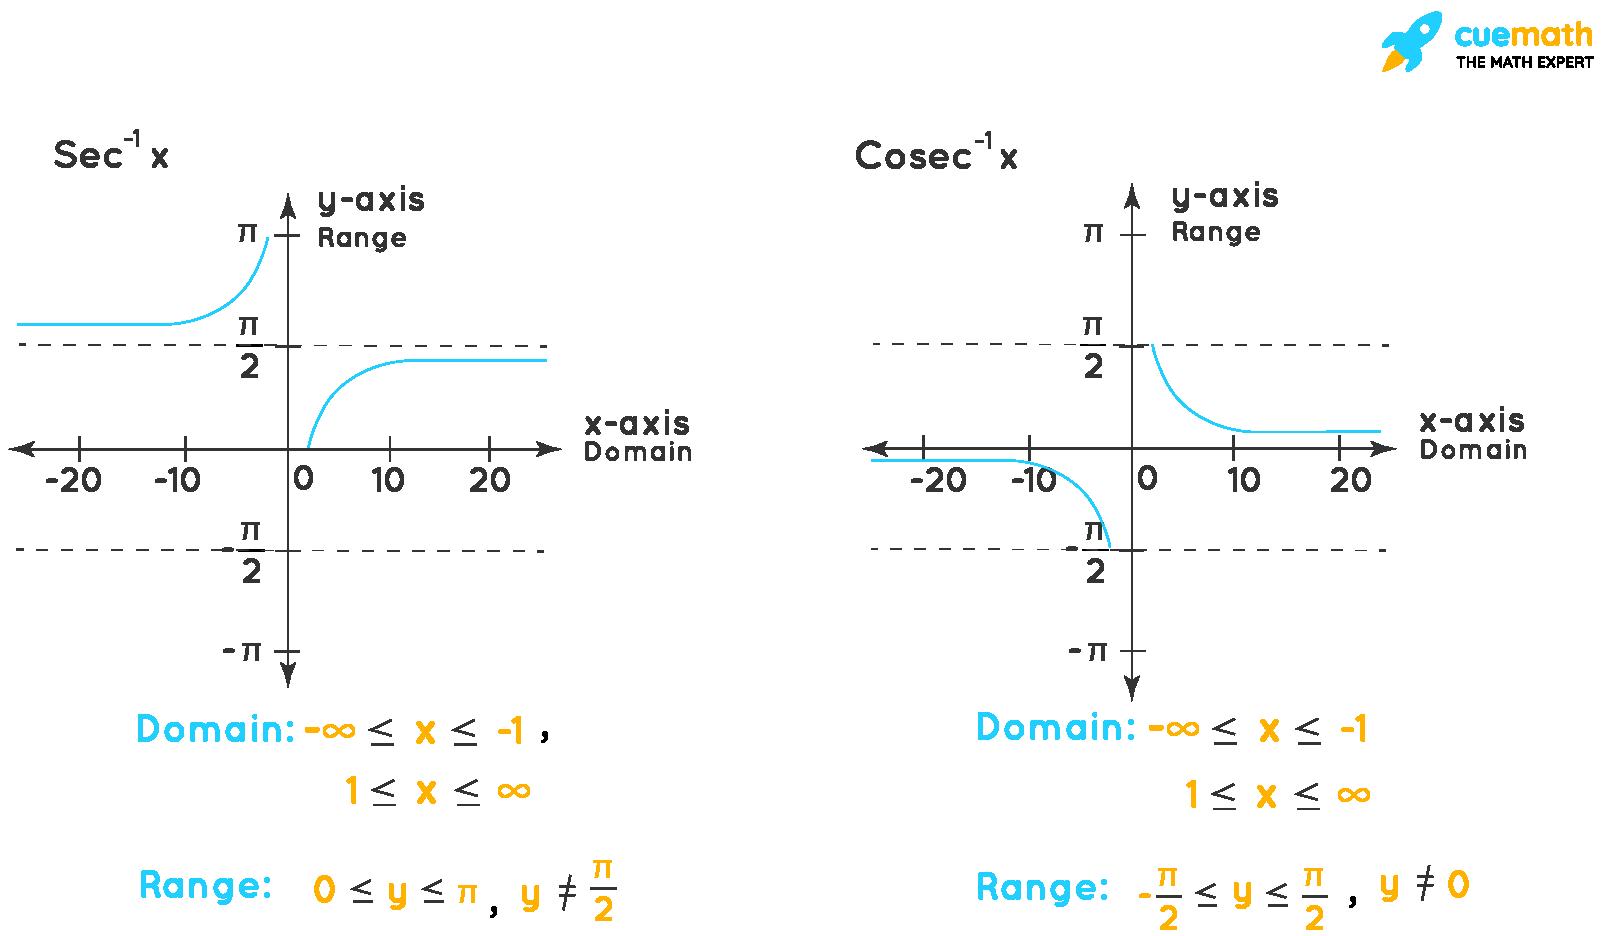 Graph of Sec-1x and Cosec-1x